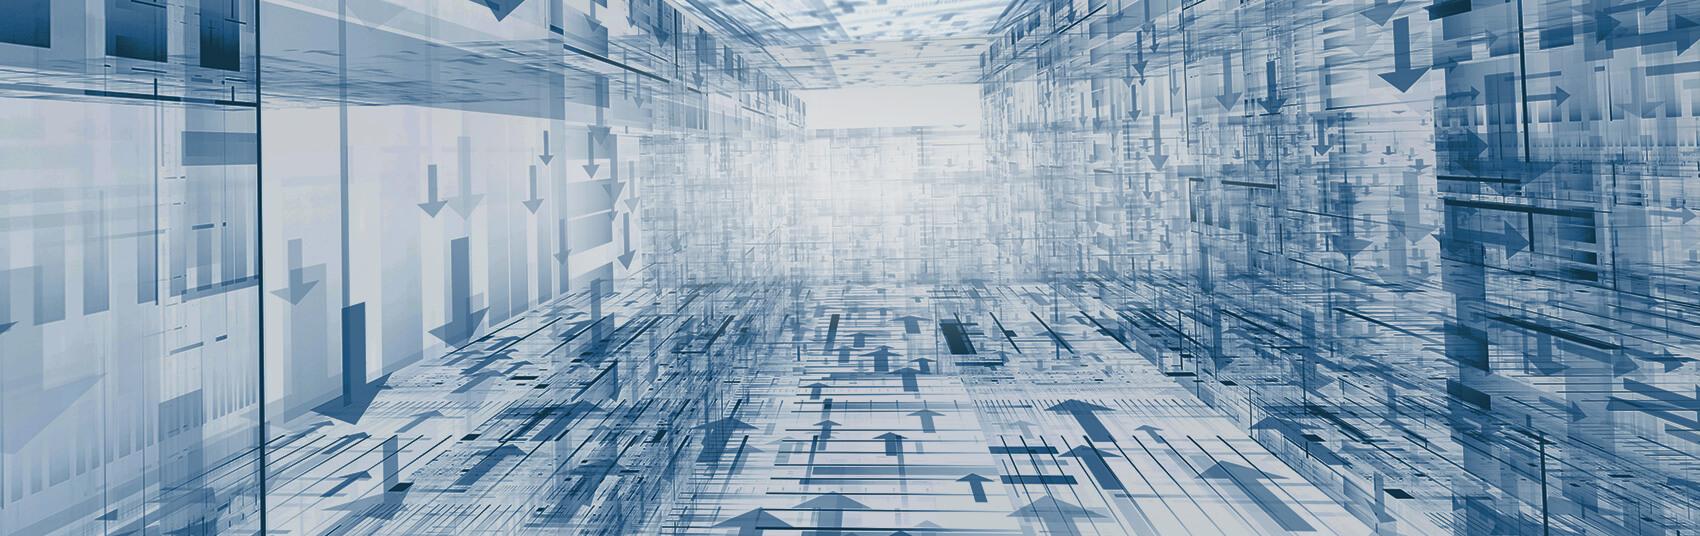 風俗データセンタープロデュース